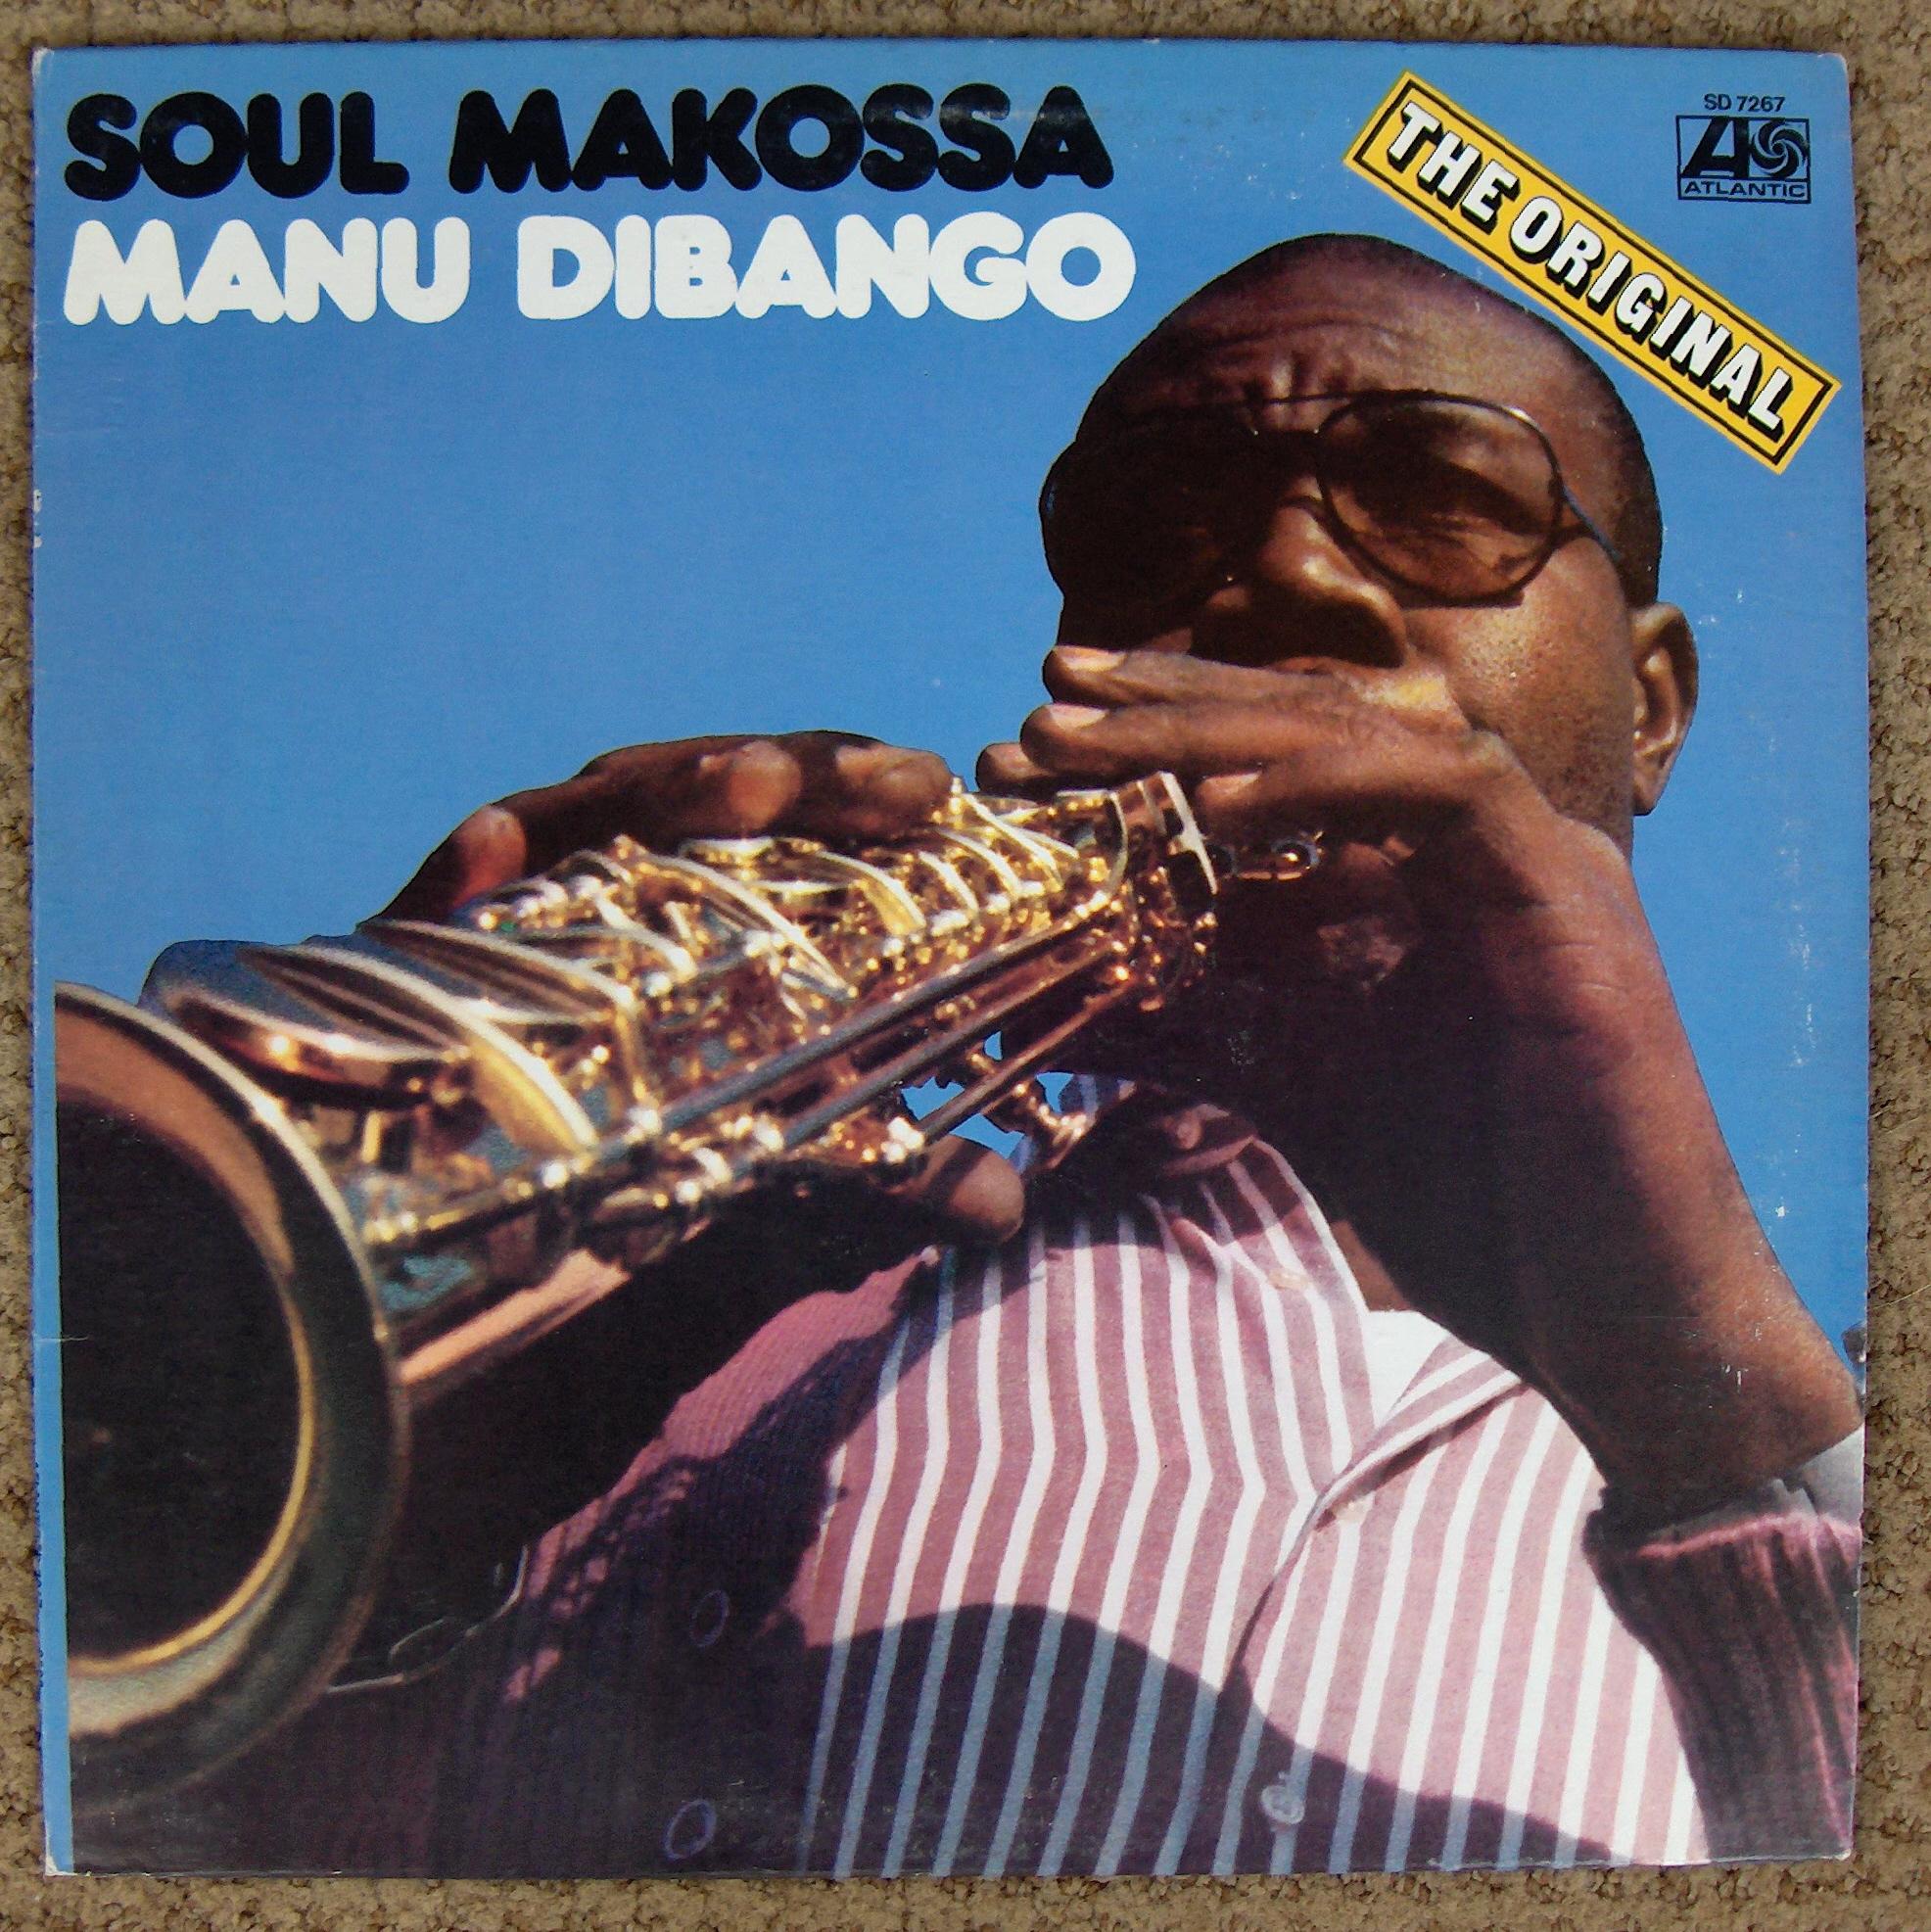 De música africana 266158707_2bf1567a18_o